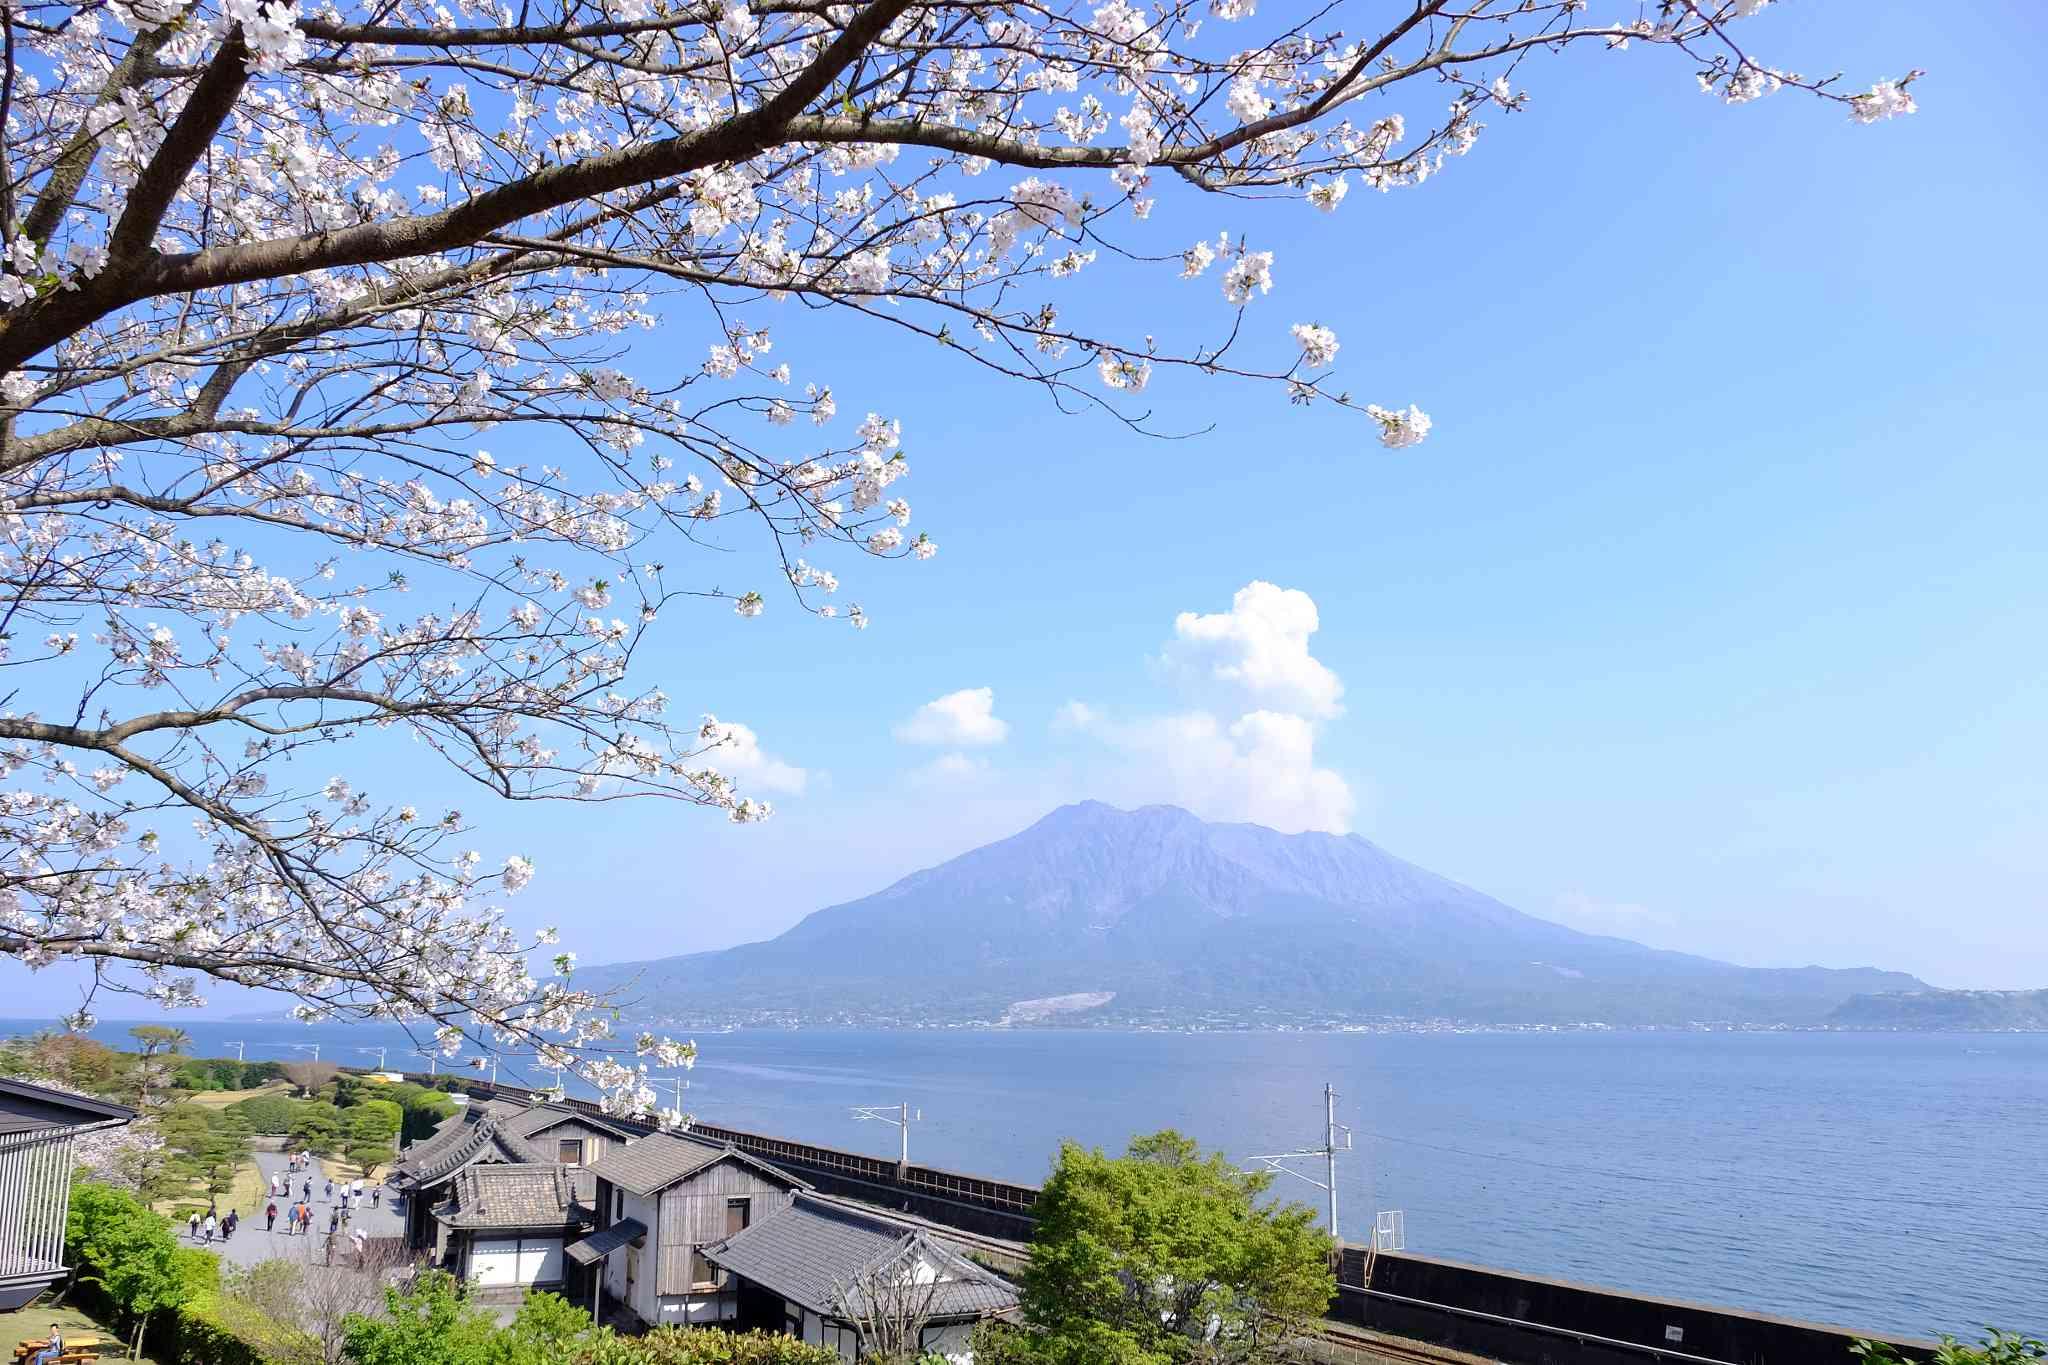 Sakurajima volcano in Japan